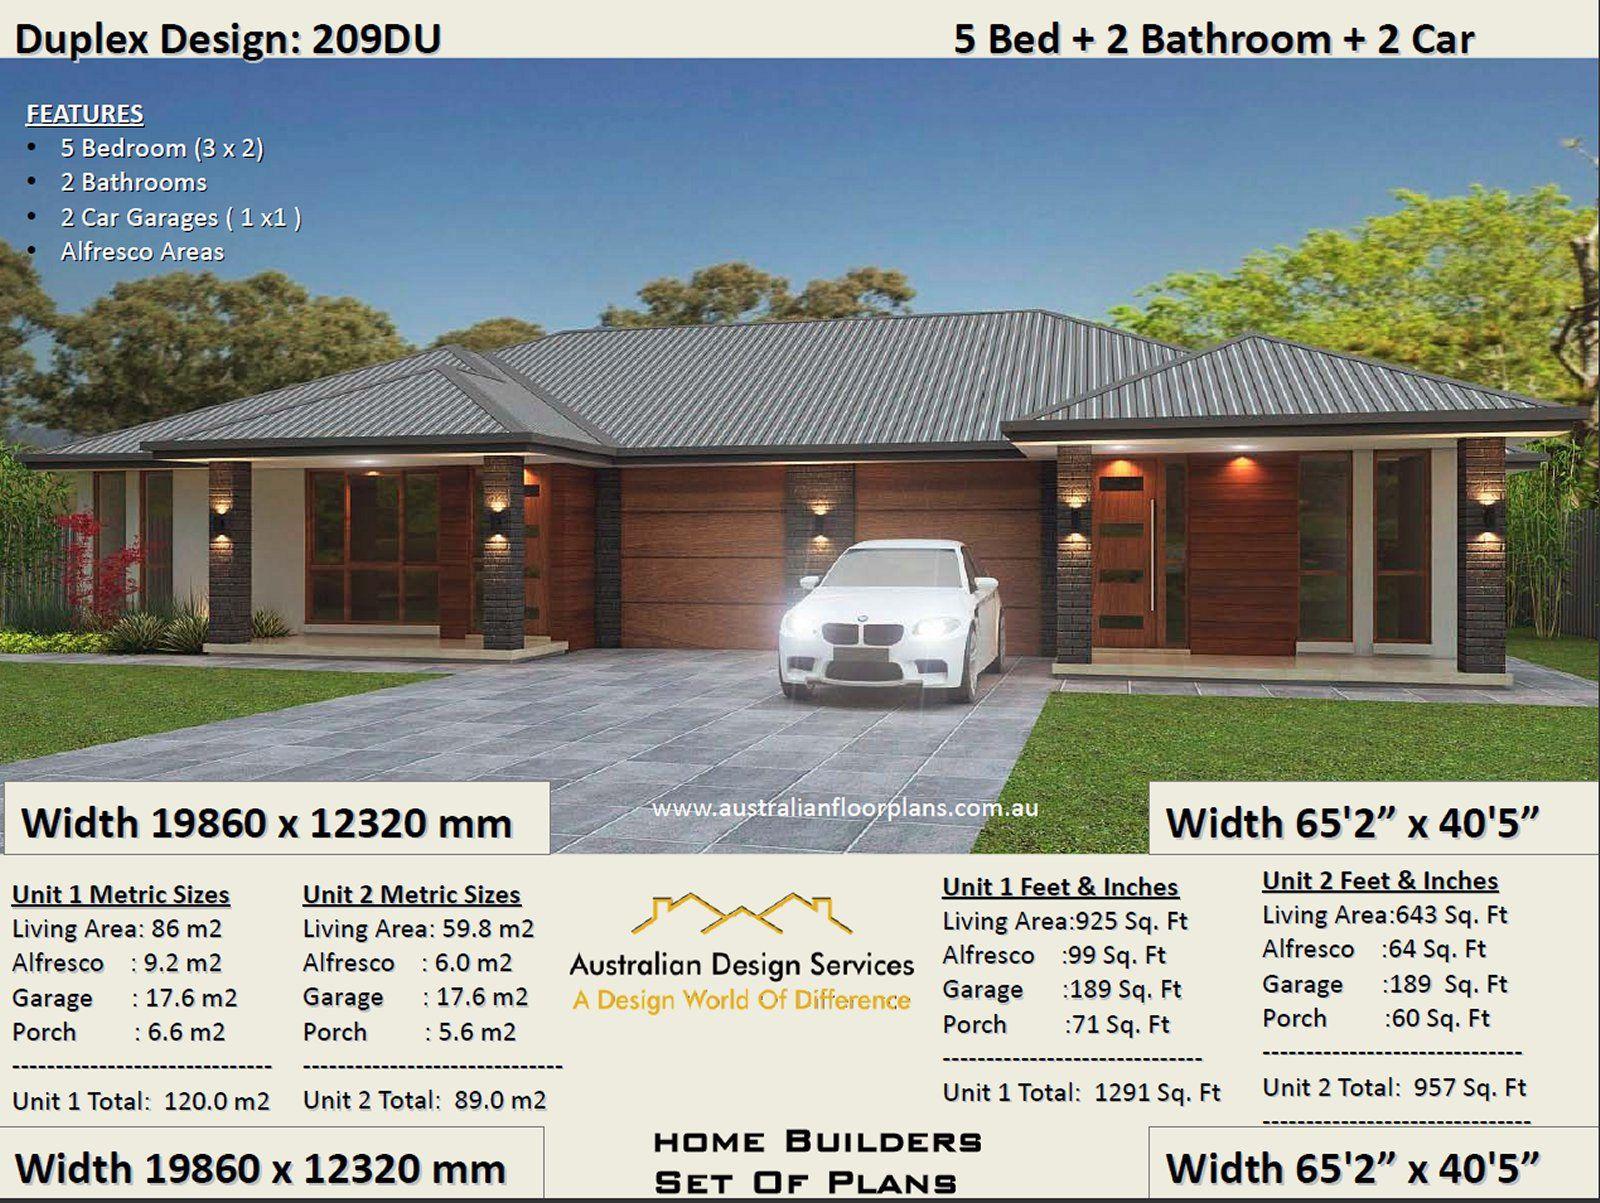 5 Bed 2 Bath Duplex House Plans 3 X 2 Bedroom Duplex Plans 5 Bedroom Duplex Modern 5 Bed Duplex Plans Australian Duplex House Plan Duplex House Plans Duplex Design Duplex House